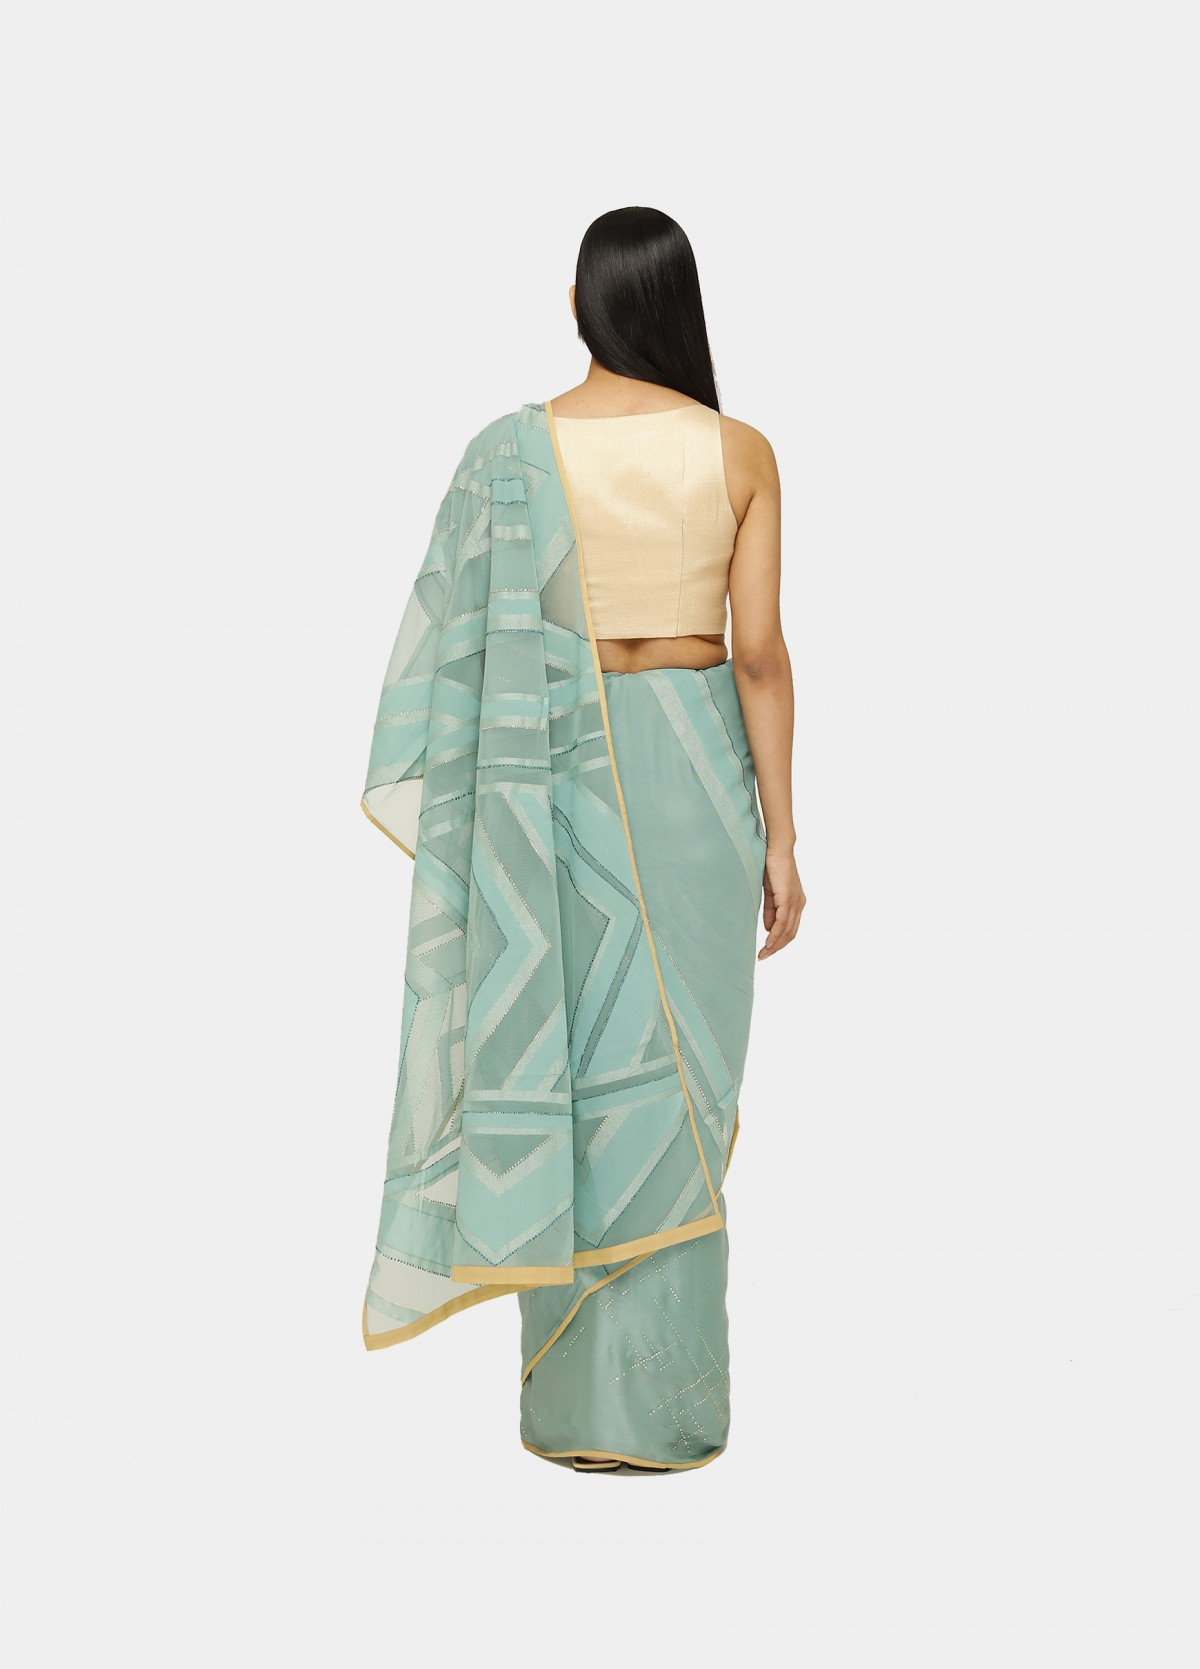 The Mesh Sari